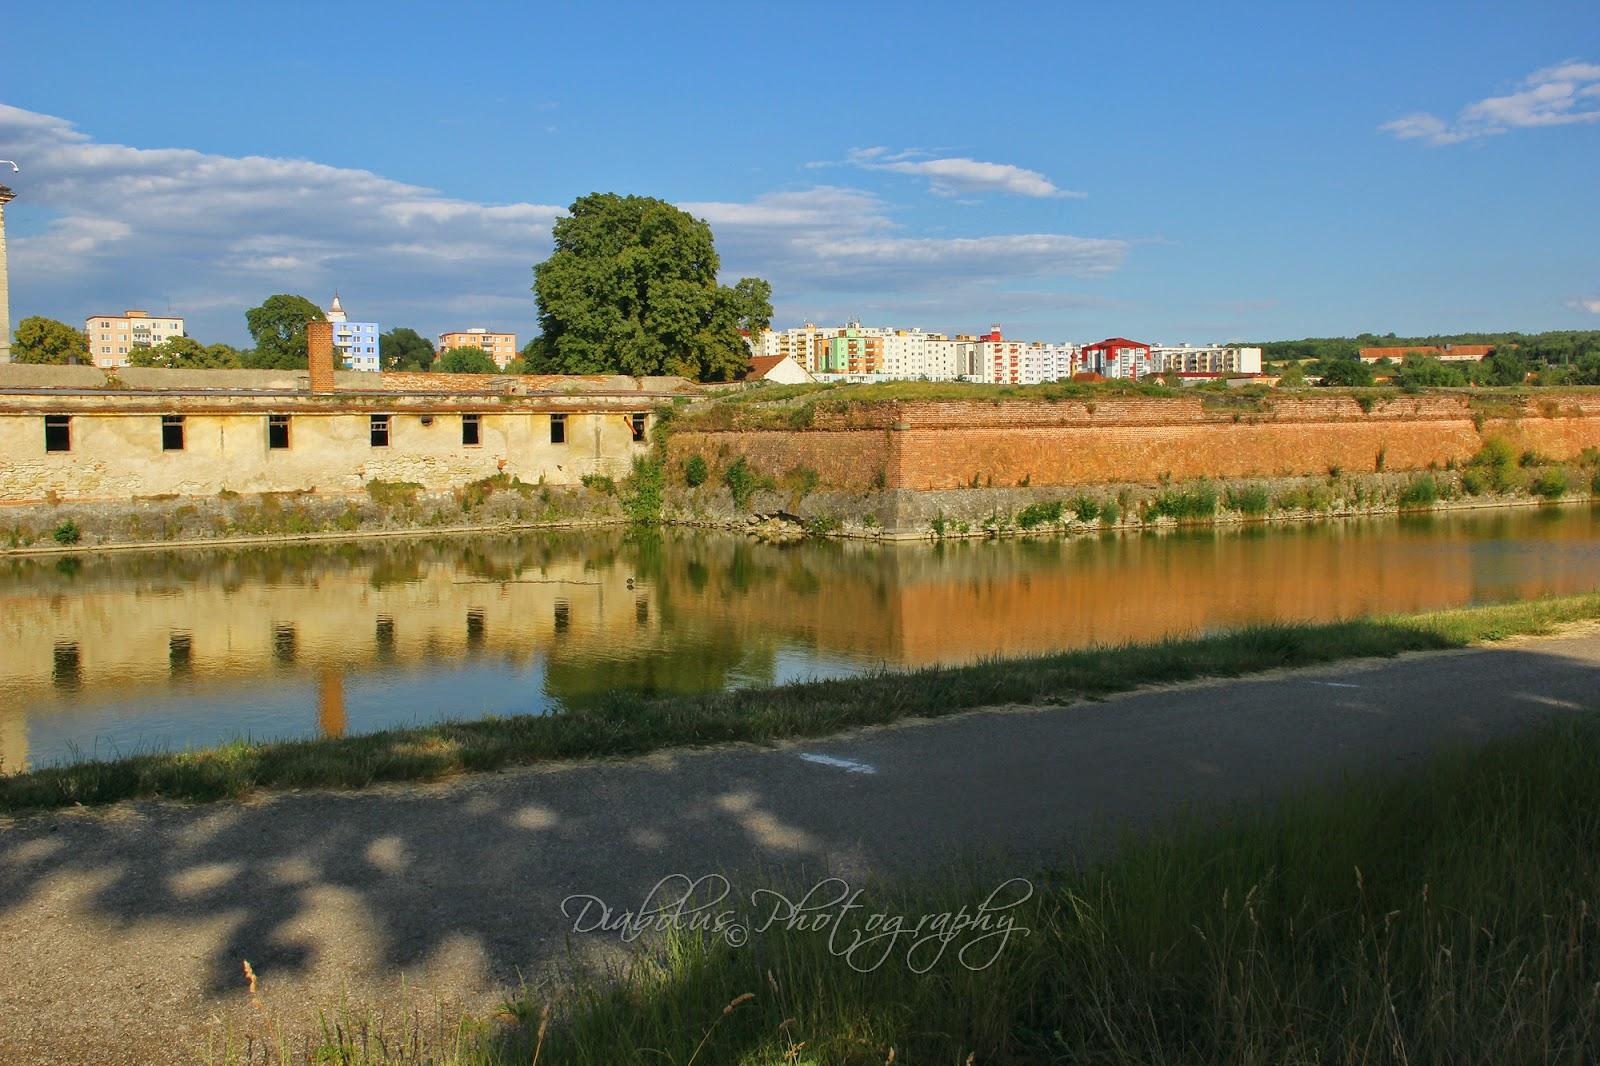 Vodní příkop/Water Moat